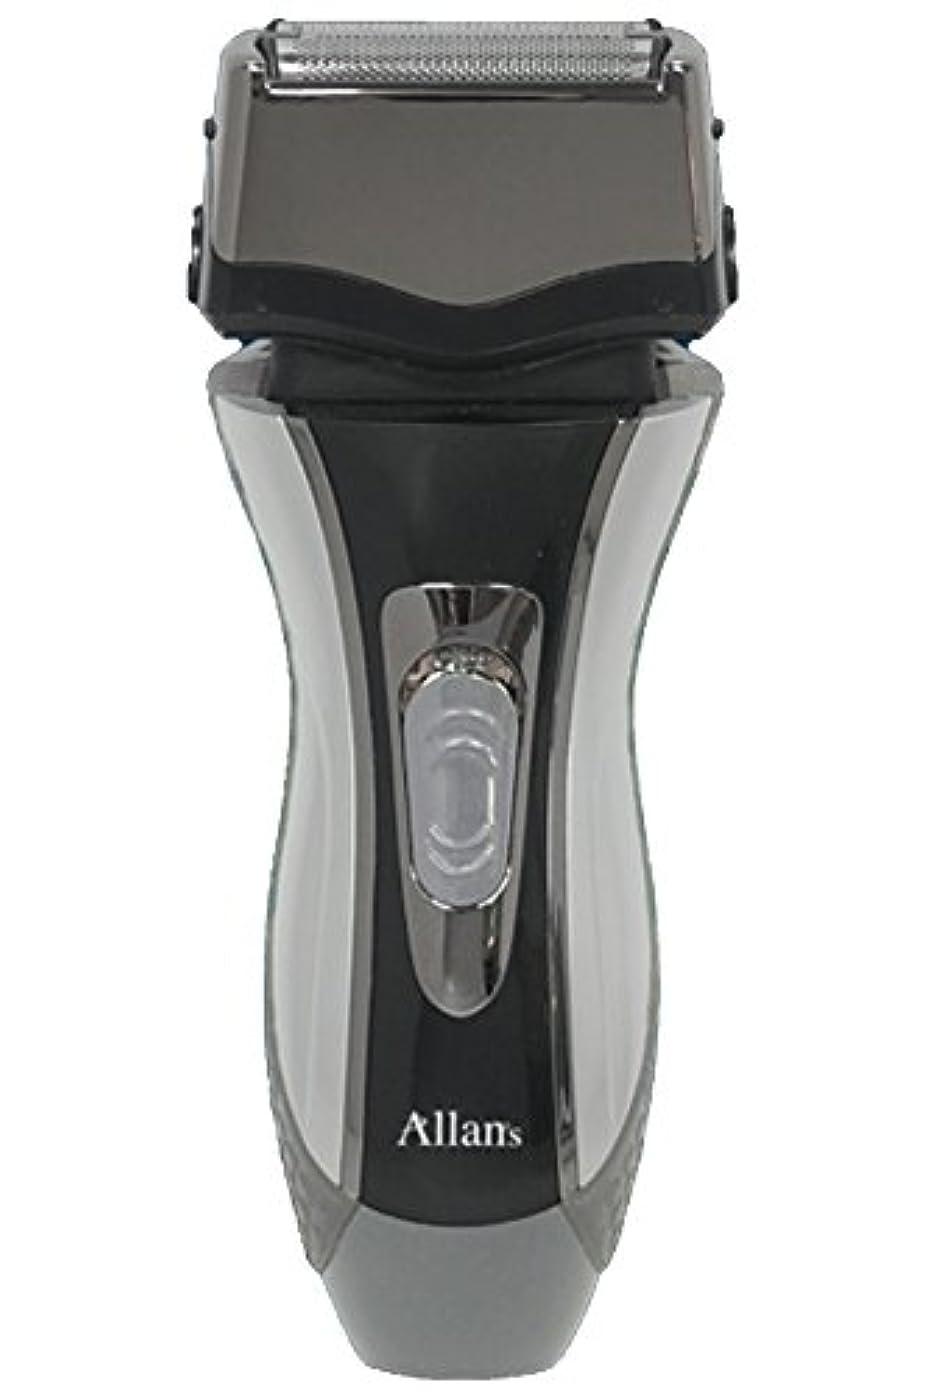 残忍なアブストラクト素晴らしさAllans 往復式 3枚刃 洗える 充電 電動 髭剃り ウォッシャブル シェーバー トリプルブレード MEBM-7